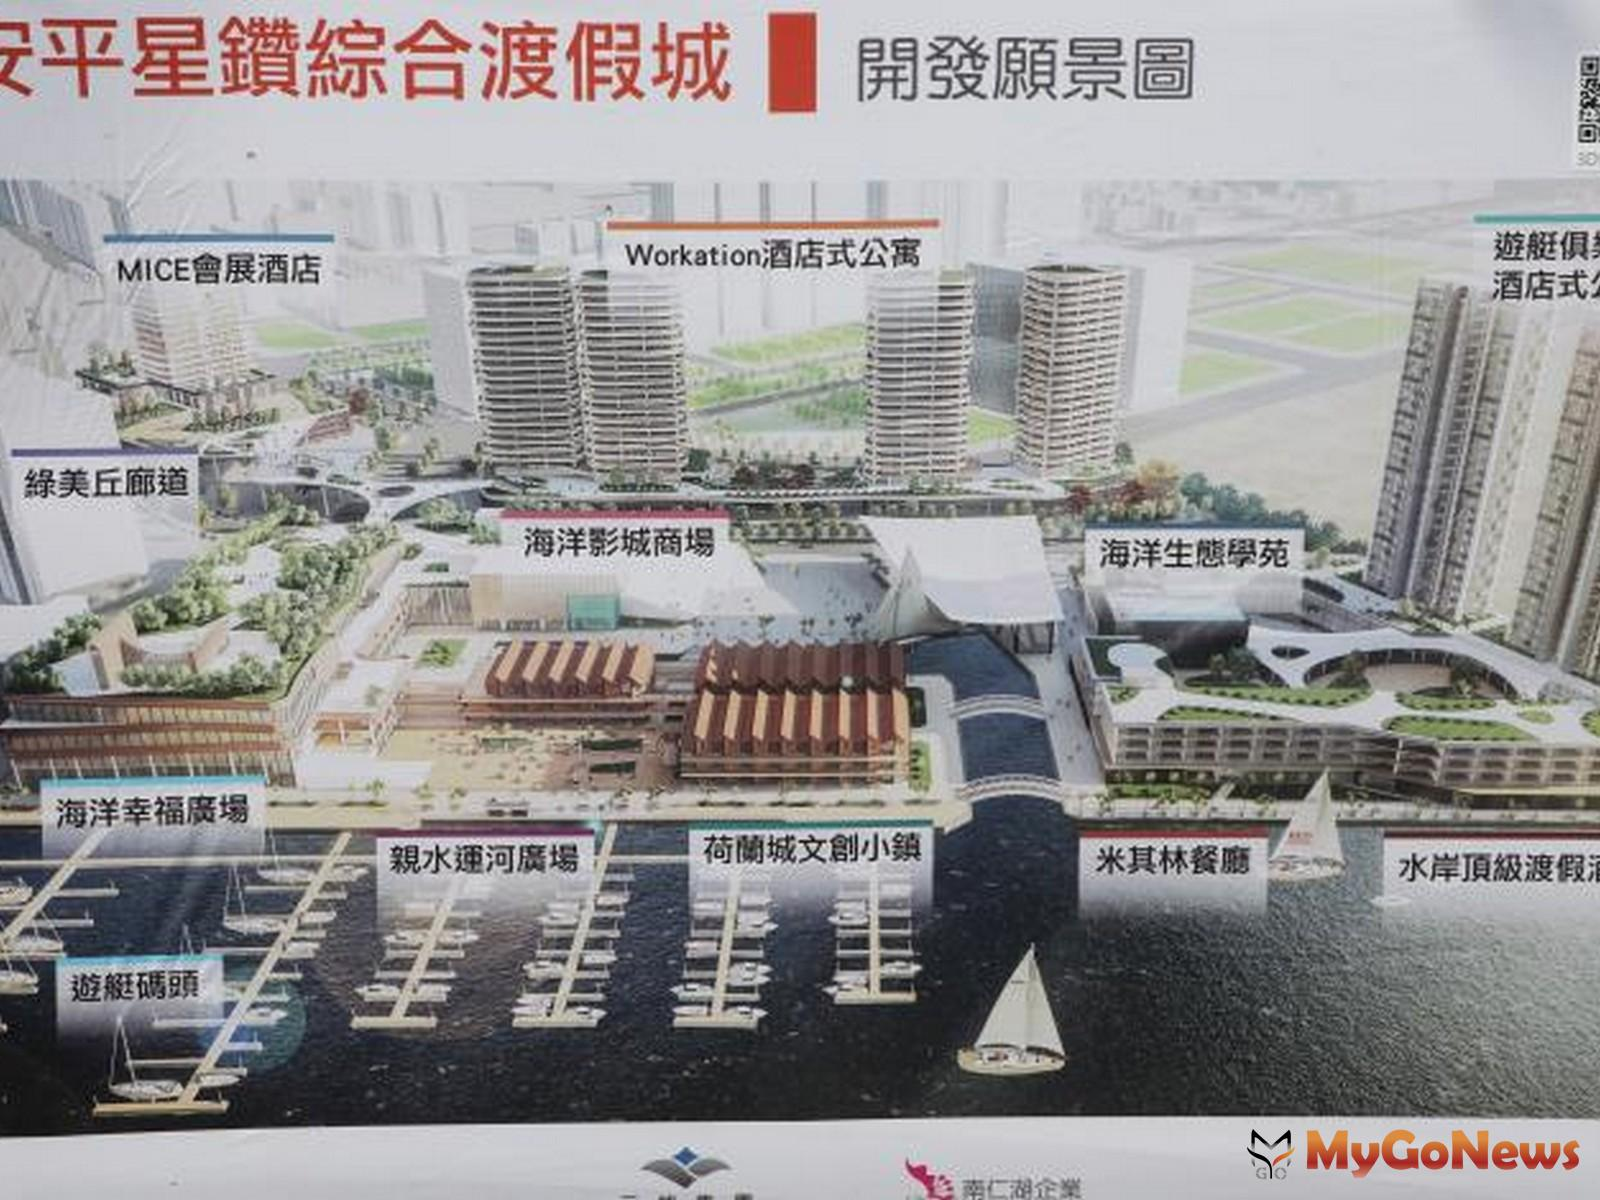 「安平港水岸複合觀光遊憩區」將分五期興建,投資金額103.4億元,預估2024年動工、2027年起逐年開幕營運(圖/台南市政府) MyGoNews房地產新聞 區域情報